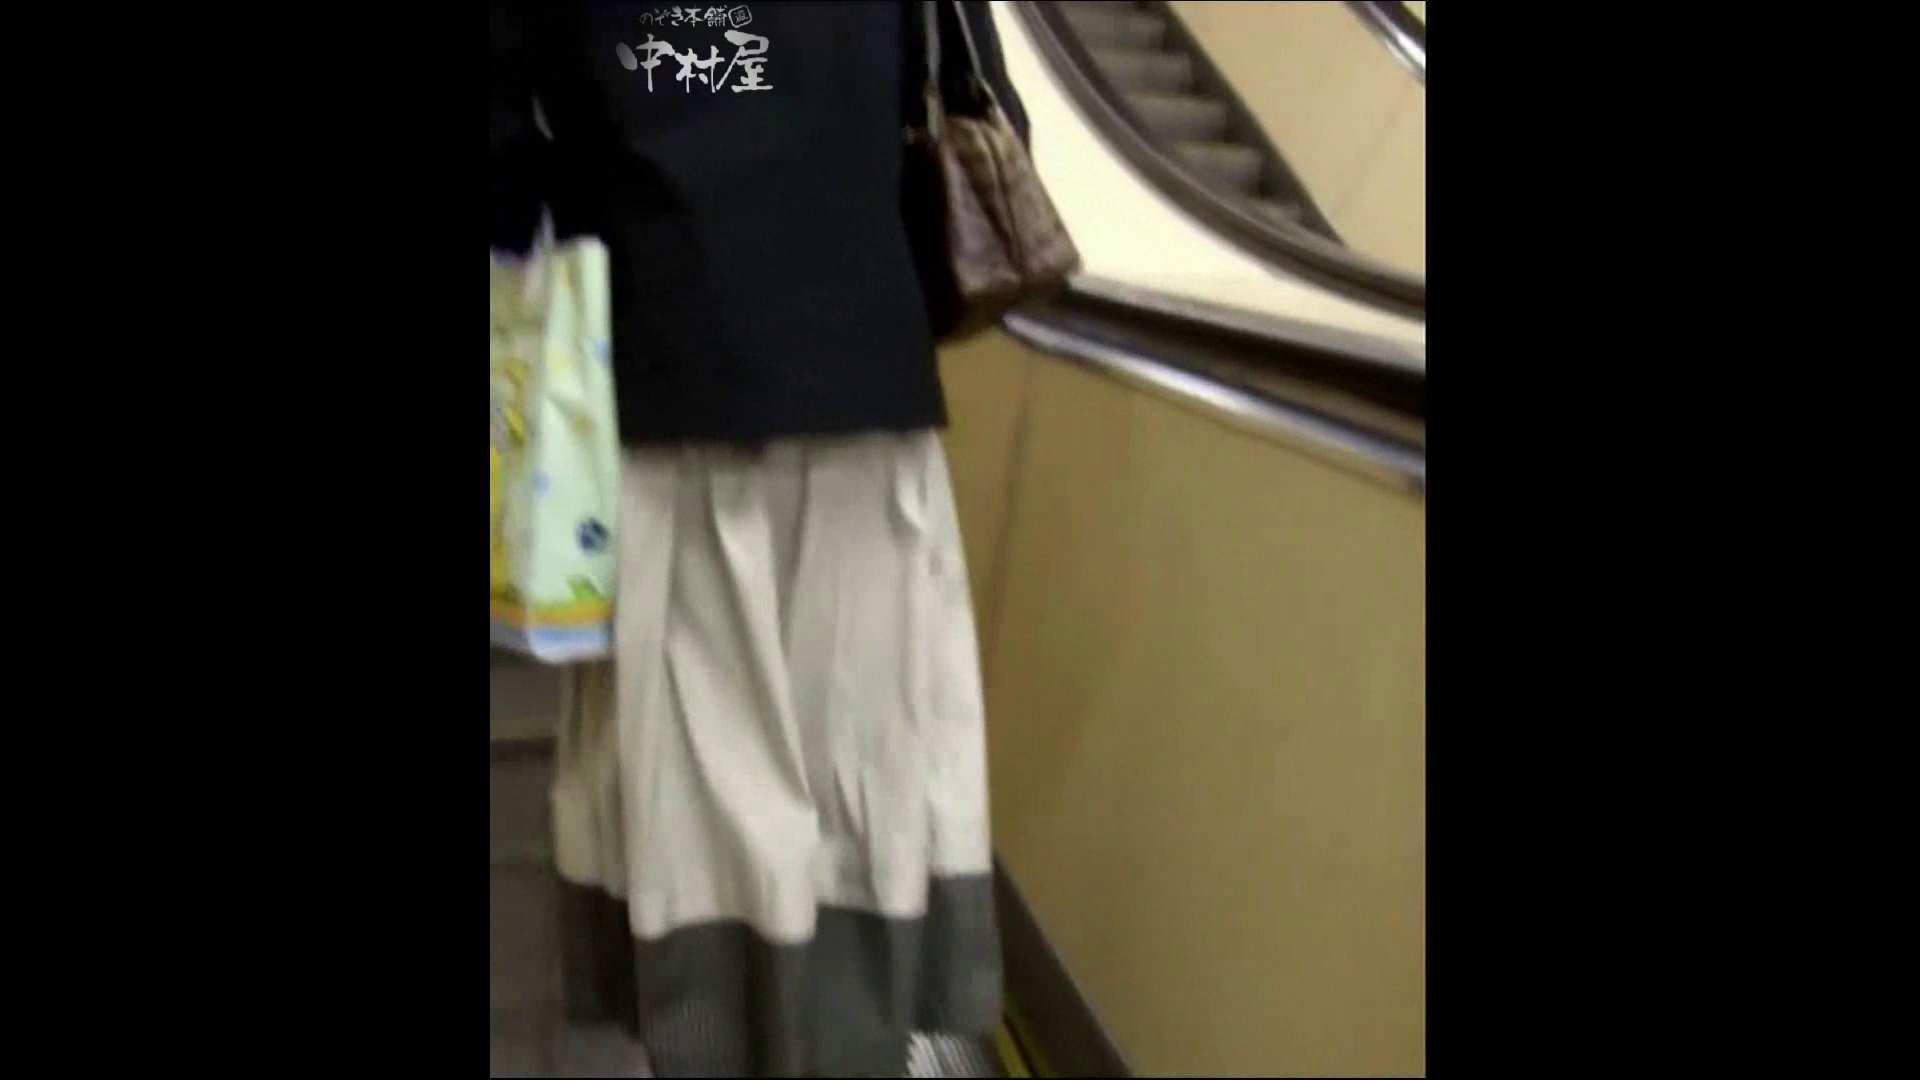 綺麗なモデルさんのスカート捲っちゃおう‼ vol18 お姉さんヌード | OLセックス  81画像 51